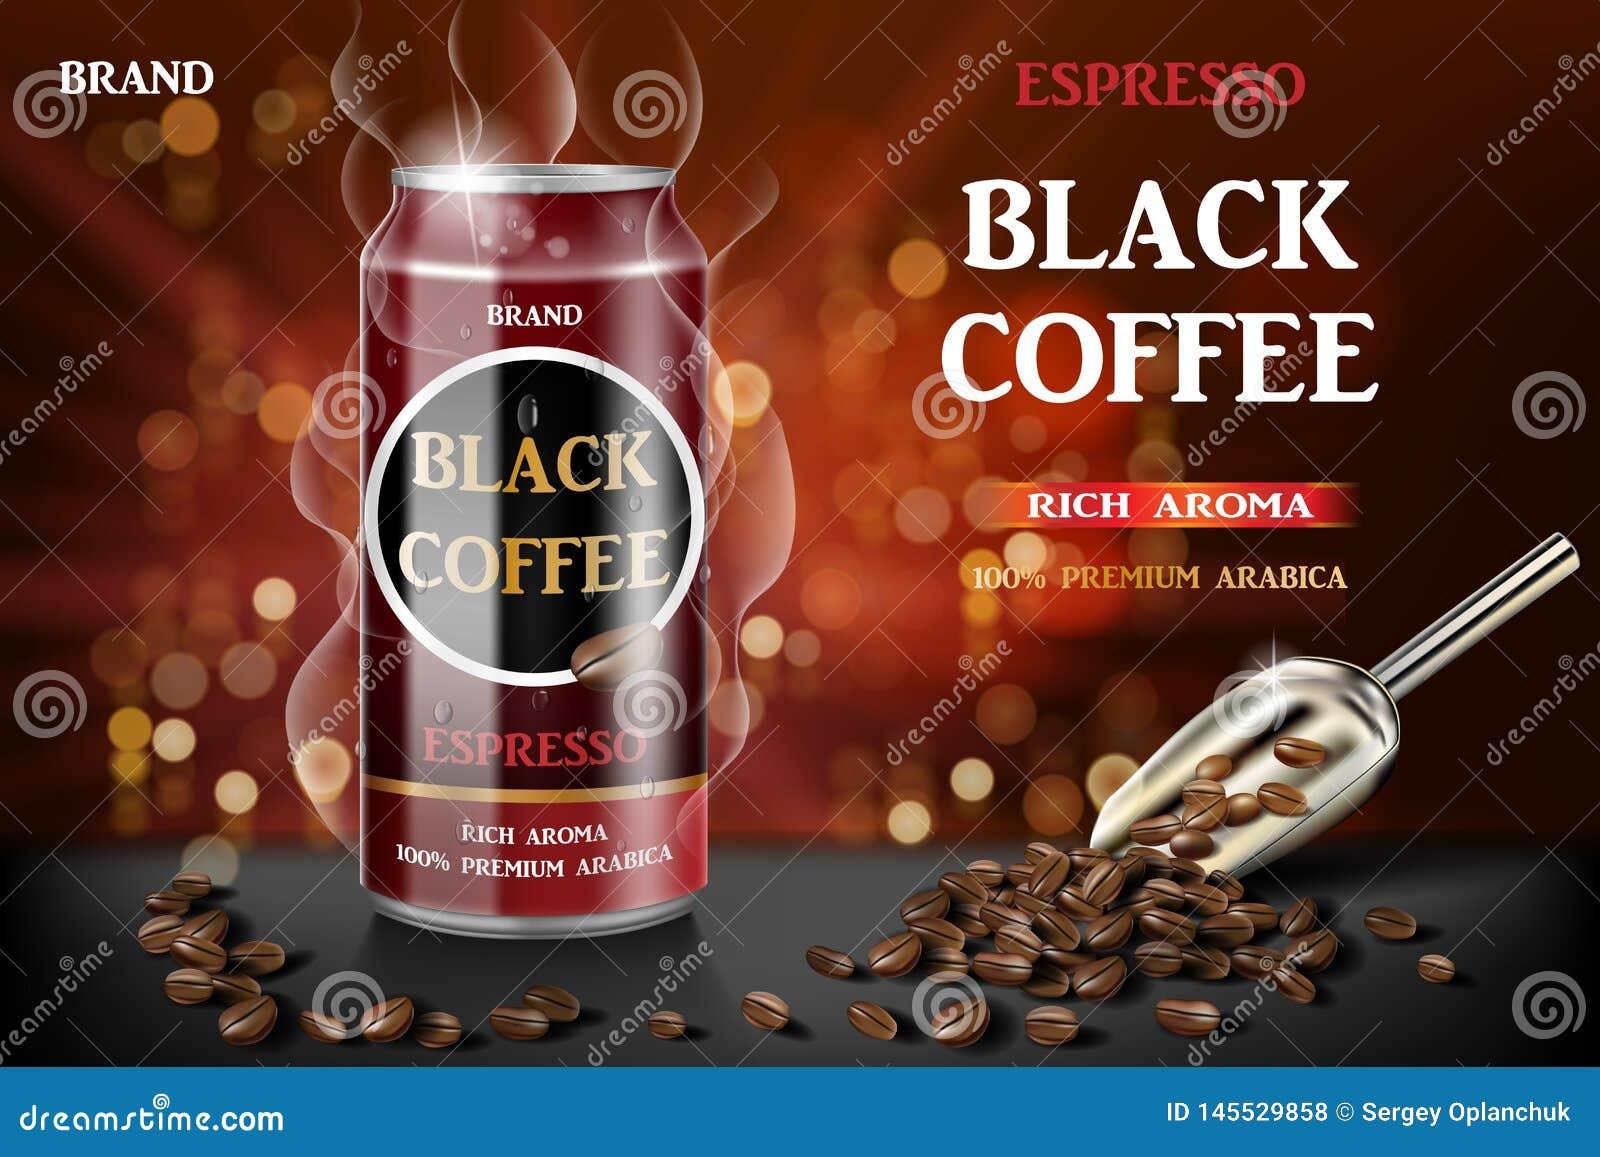 Realistyczny czer? konserwowa? kawy espresso kaw? z fasolami w 3d ilustracji Produktu napoju kawowy projekt z bokeh t?em